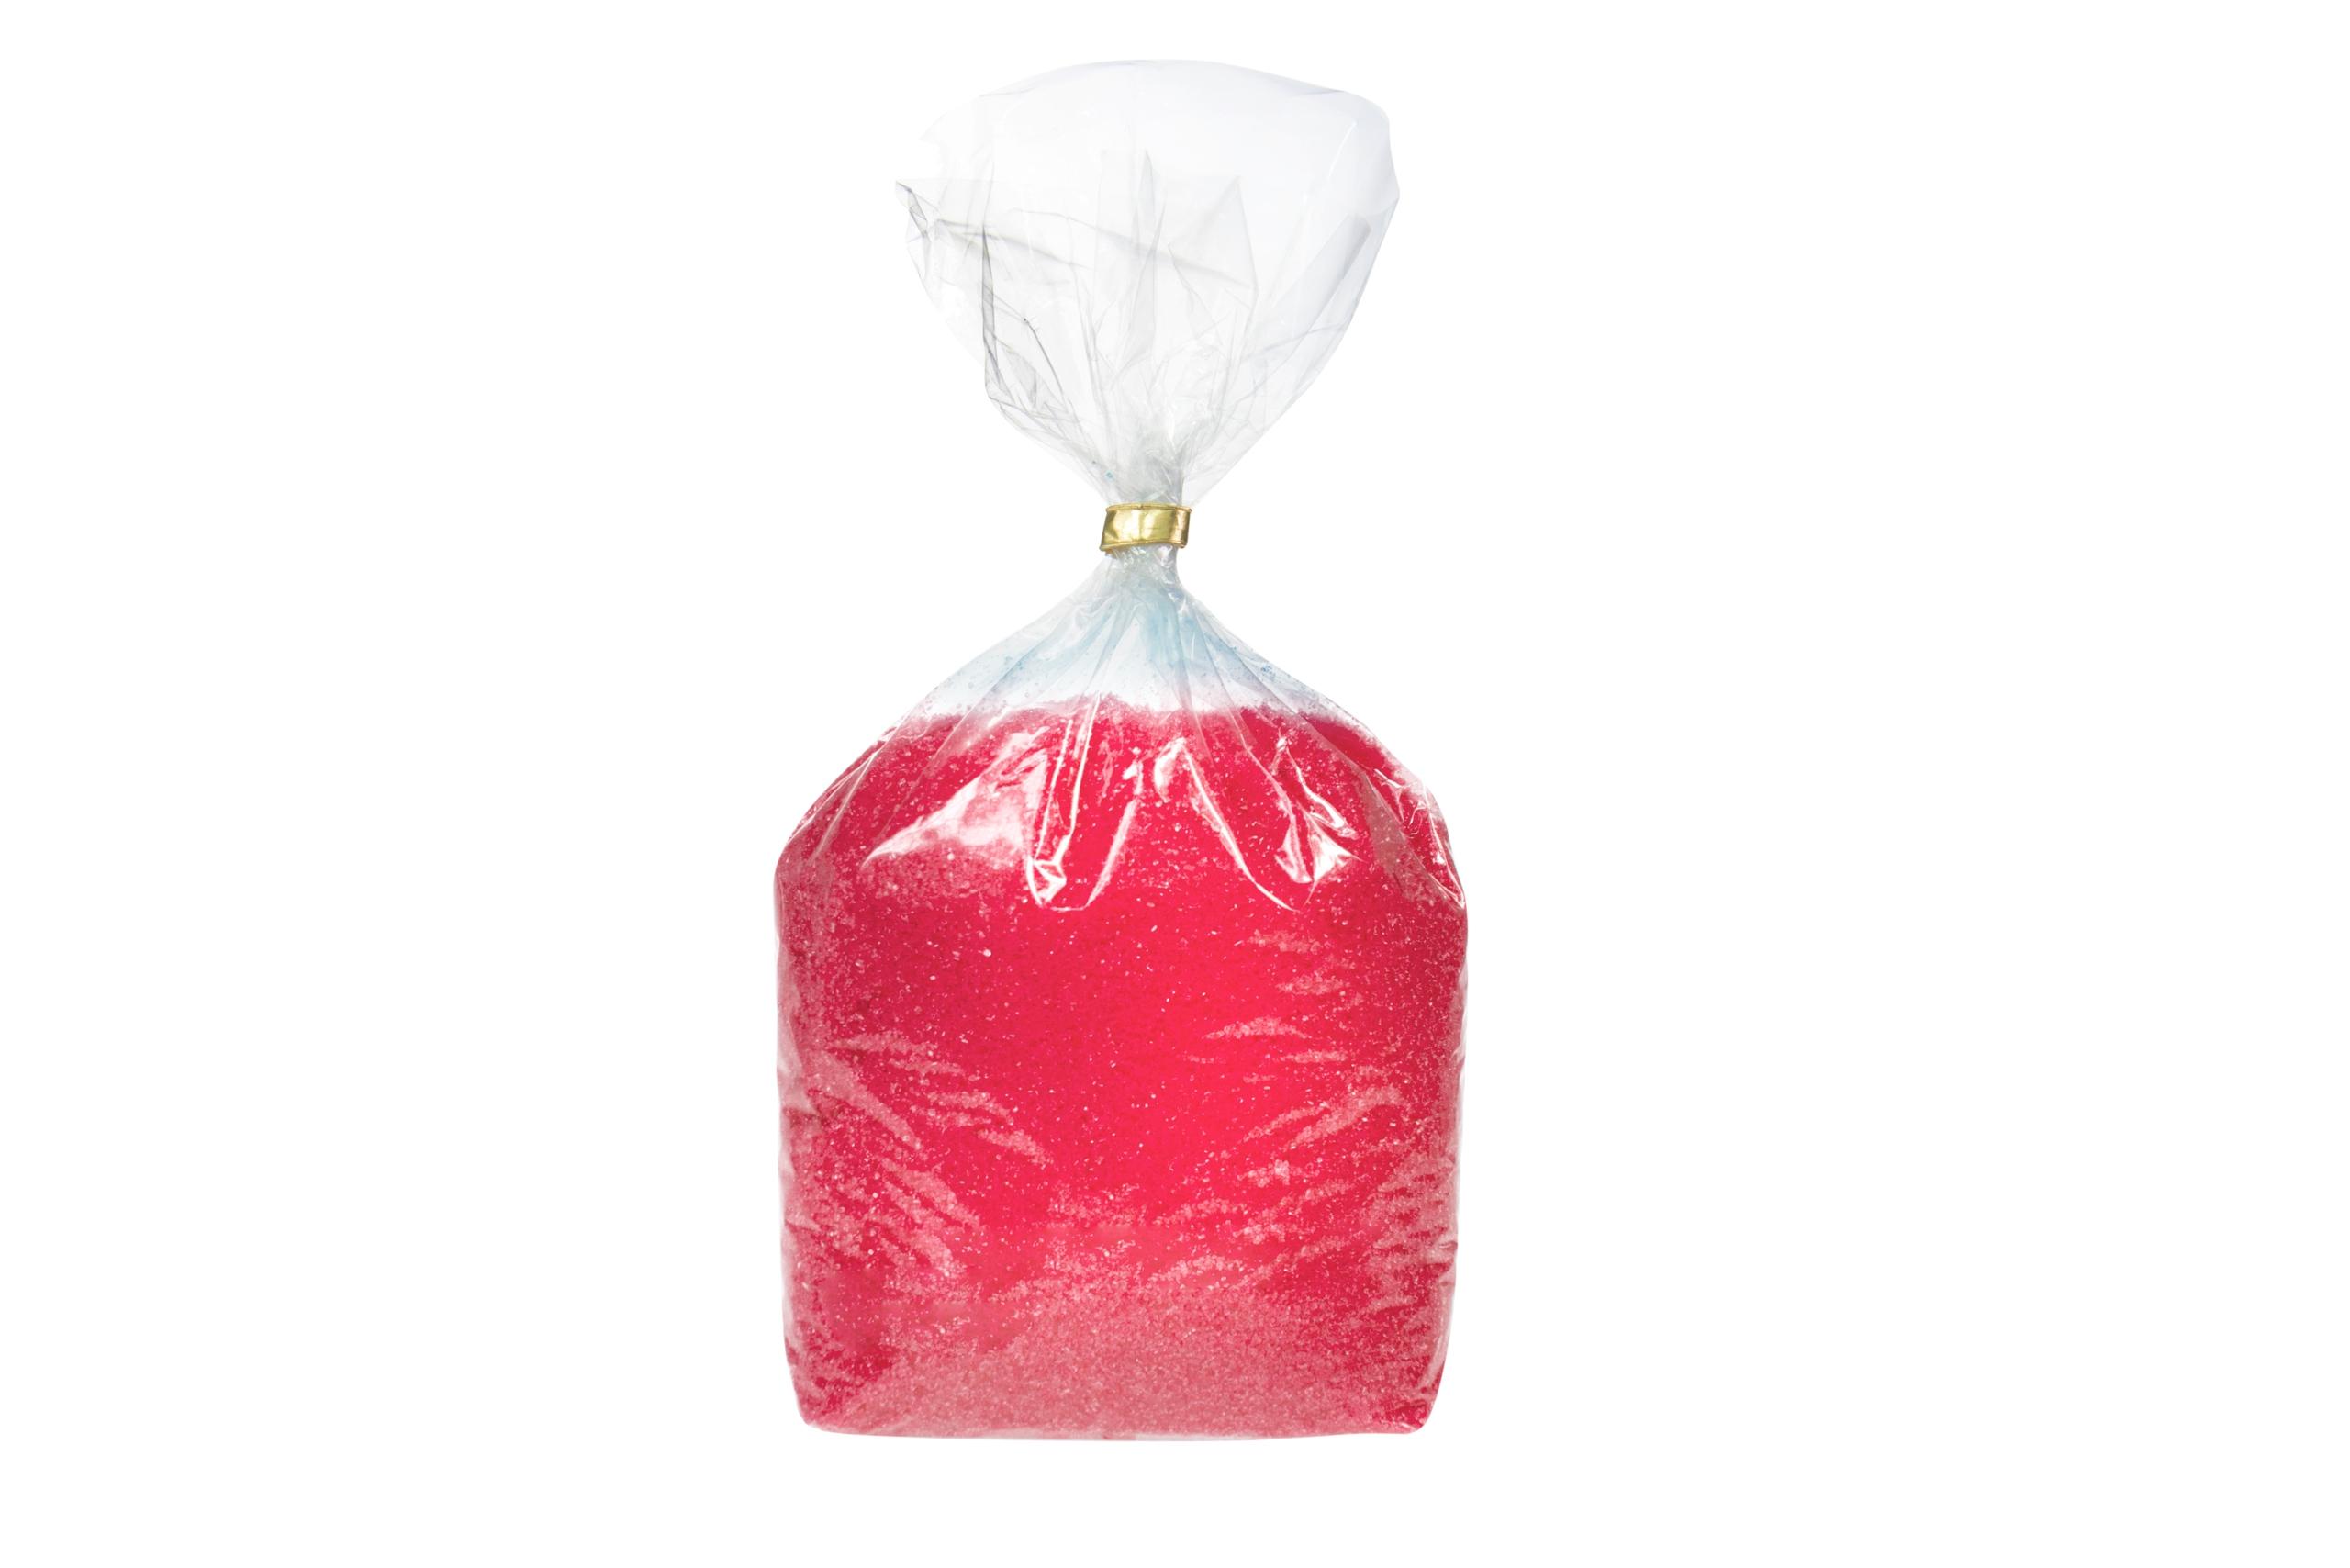 Farebný ochutený cukor pre bavlnené cukrovinky jahody